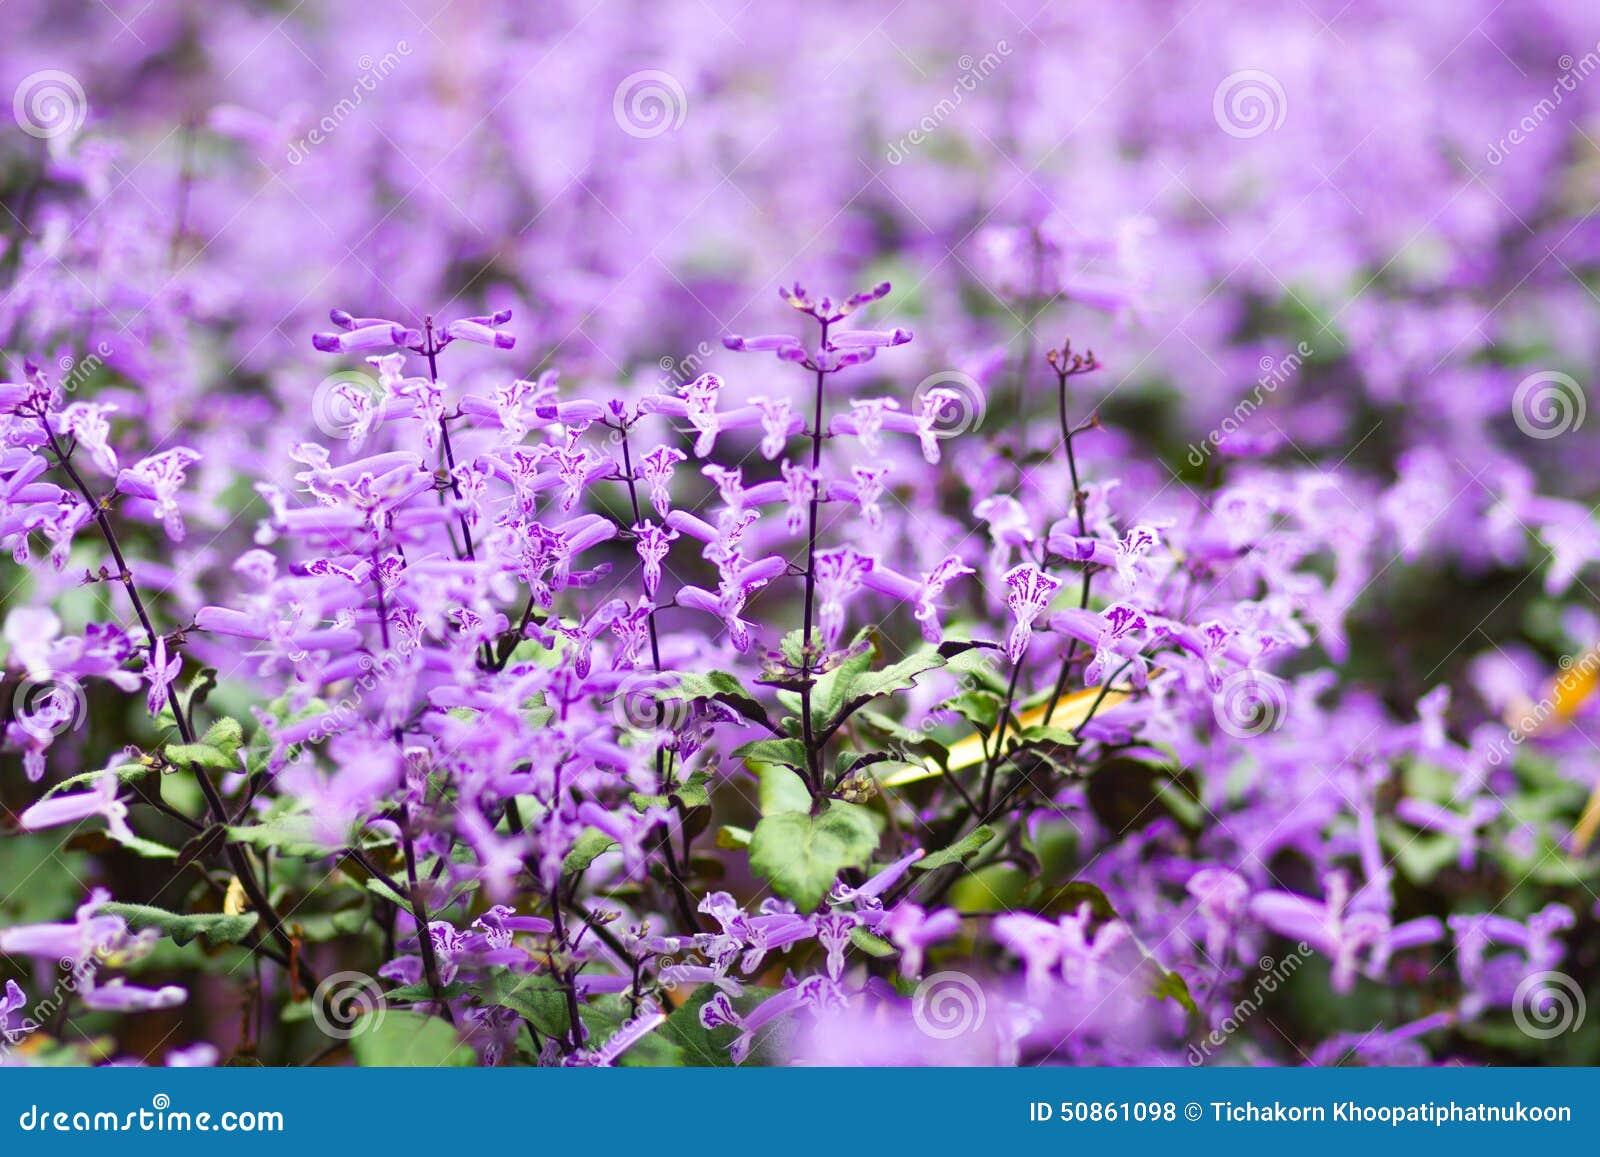 Piccoli fiori tropicali viola e bianchi fotografia stock for Fiori piccoli bianchi